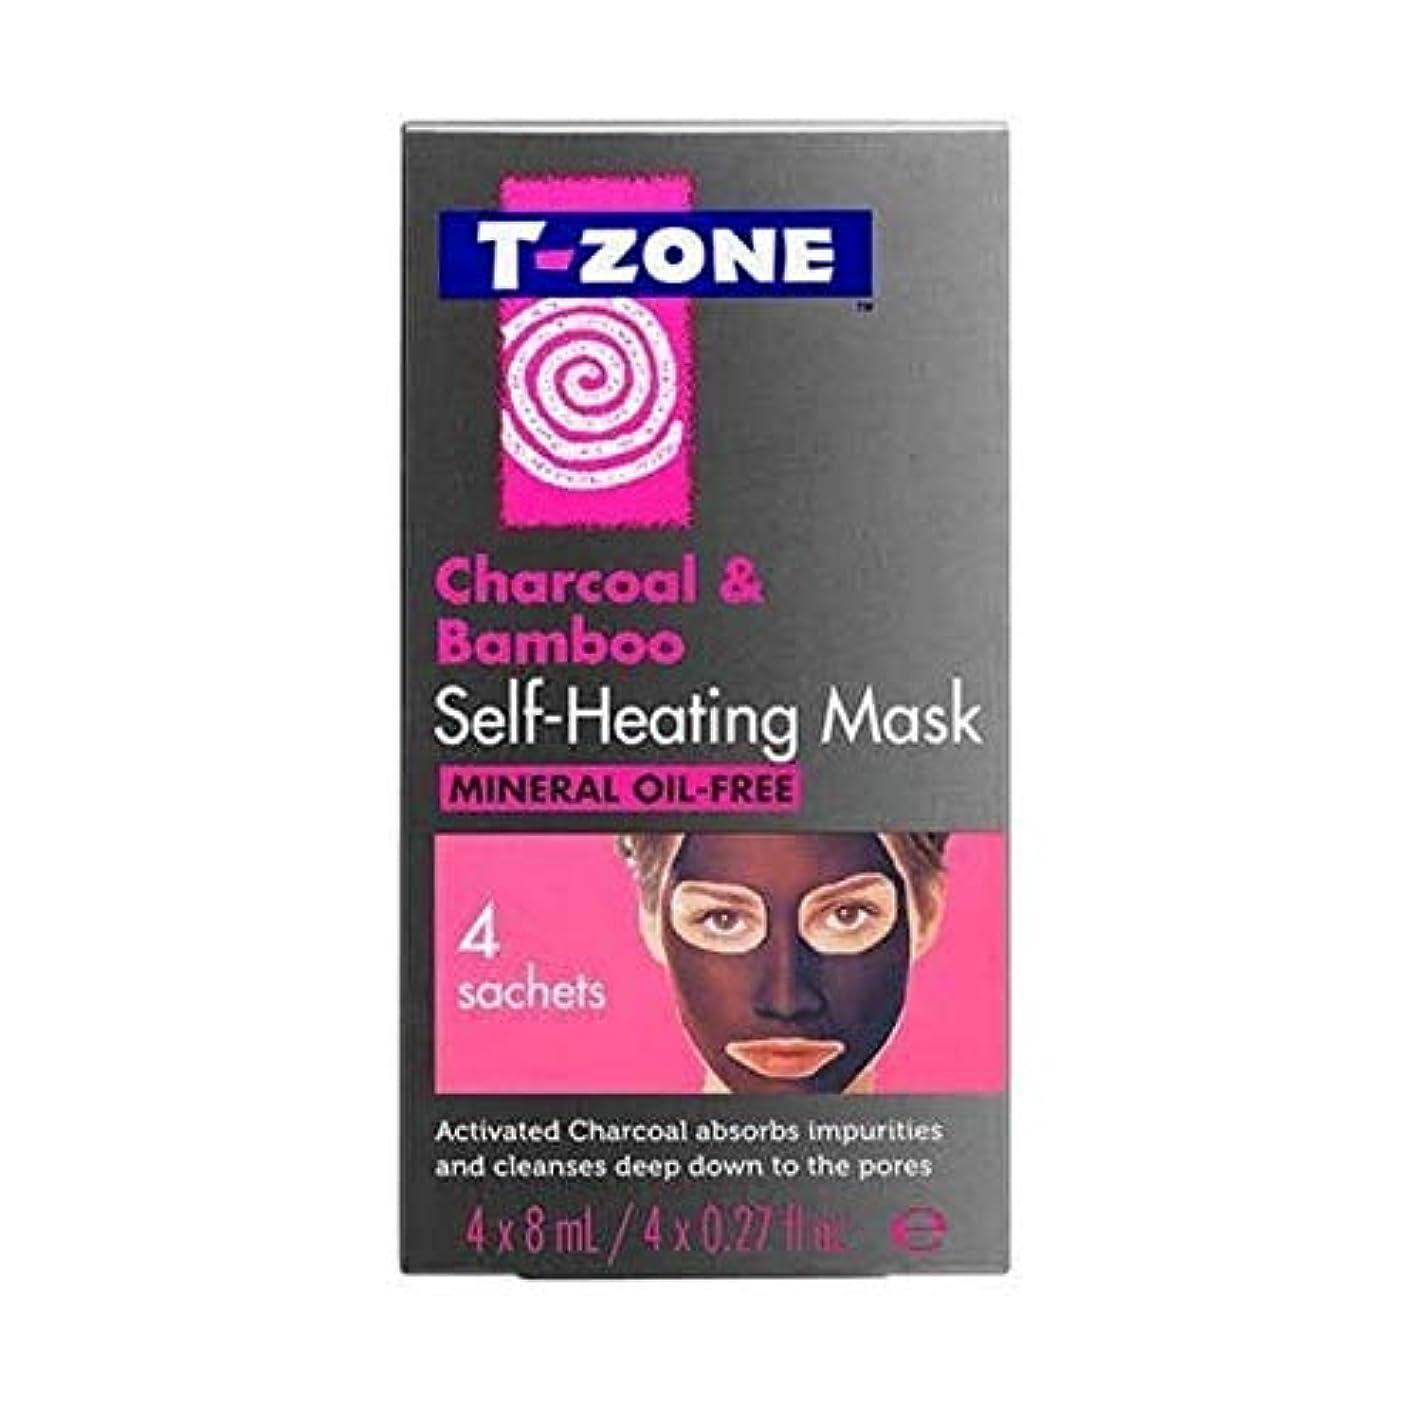 未知の国民不承認[T-Zone] Tゾーン木炭&竹自己発熱マスク4×8ミリリットル - T-Zone Charcoal & Bamboo Self Heating Mask 4 x 8ml [並行輸入品]